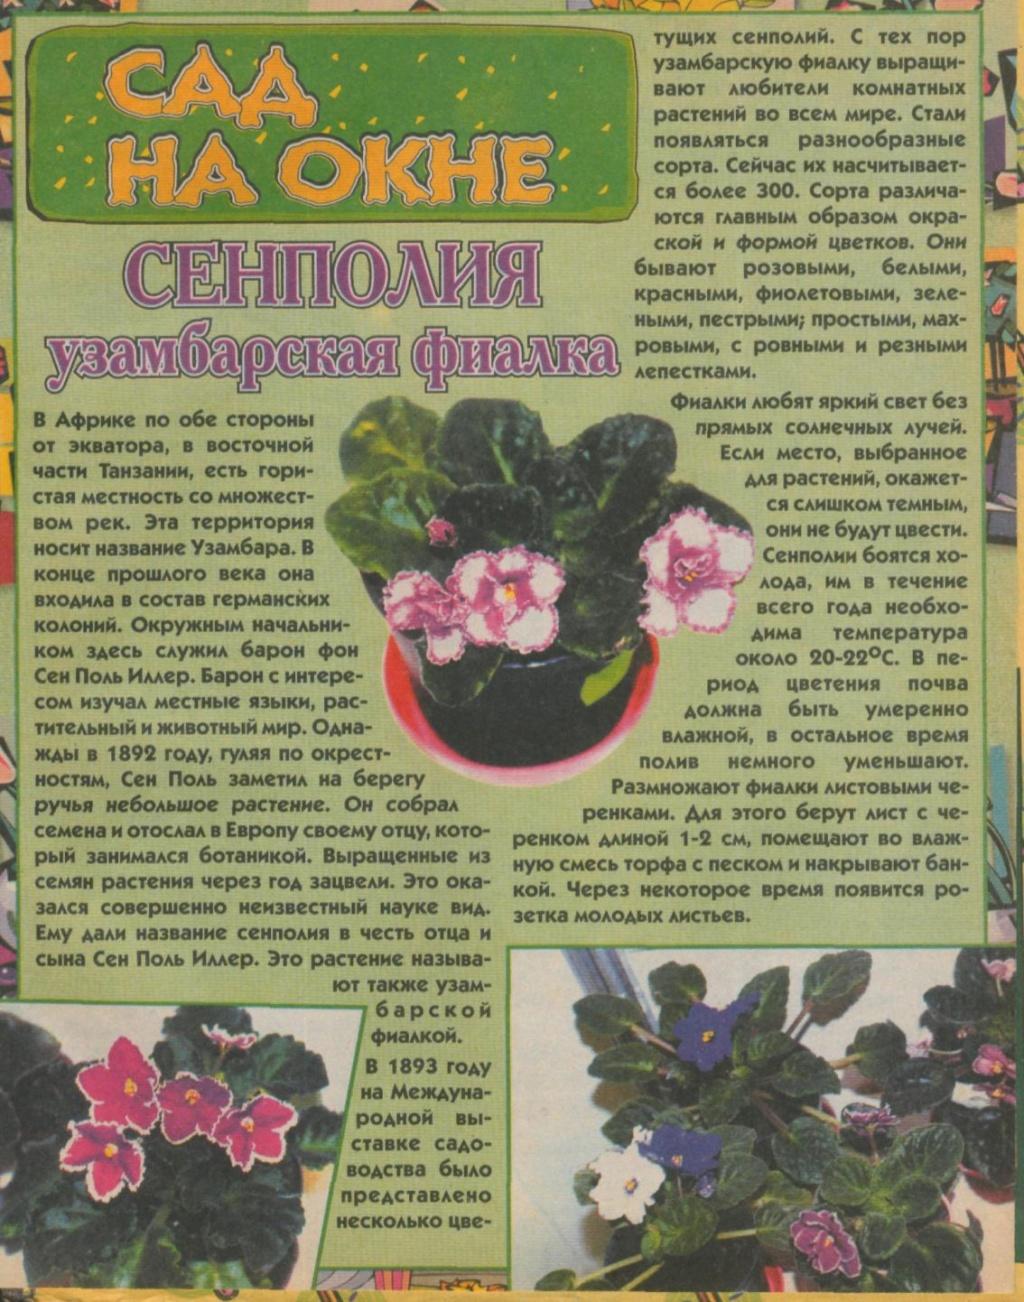 узамбарская фиалка или сенполия - Страница 2 4110